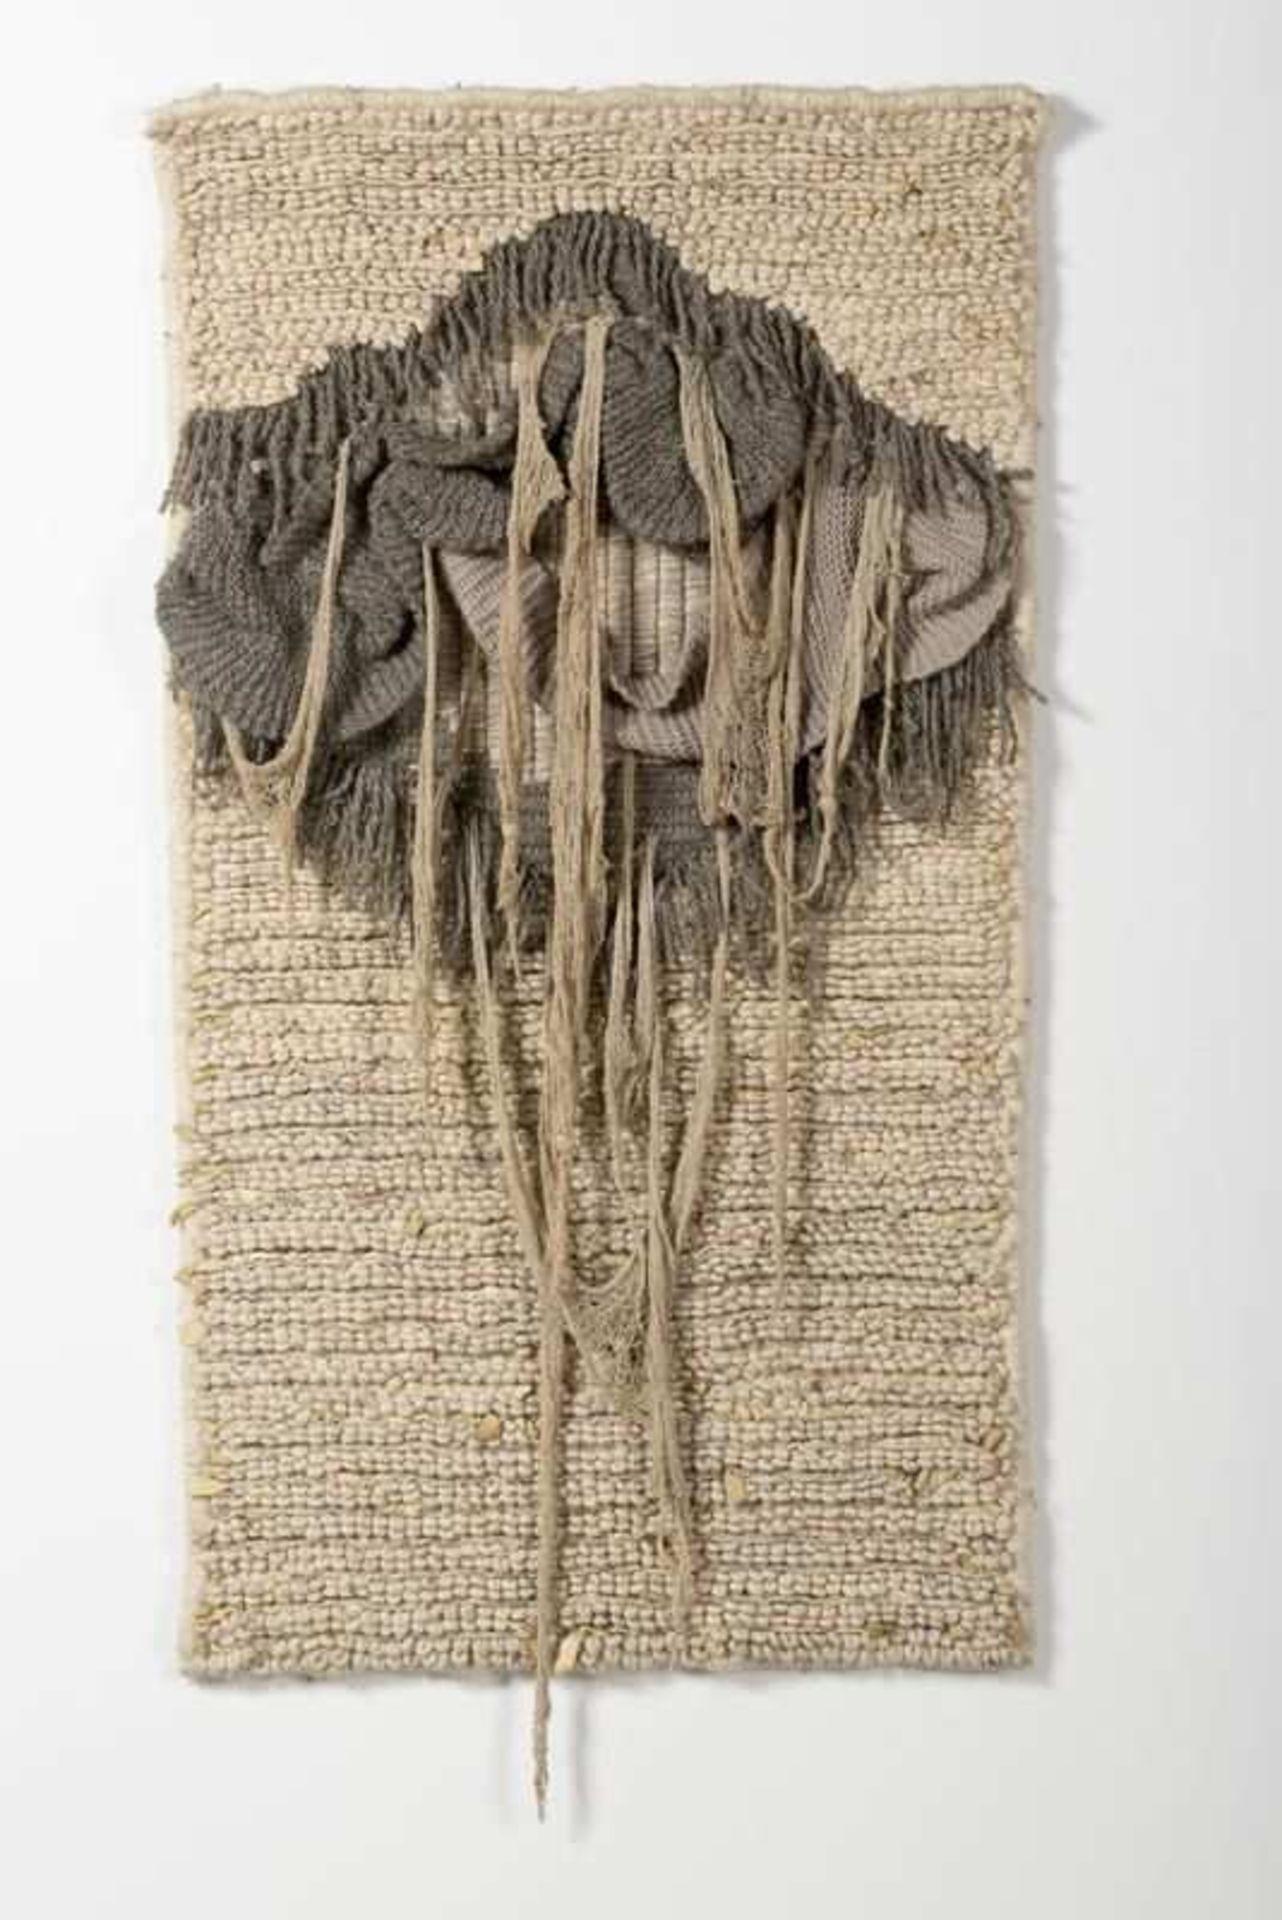 Los 302 - artiste non identifié Tapisserie Laine, coton et cuir. Wol, katoen en leder. 133 x 75 cm